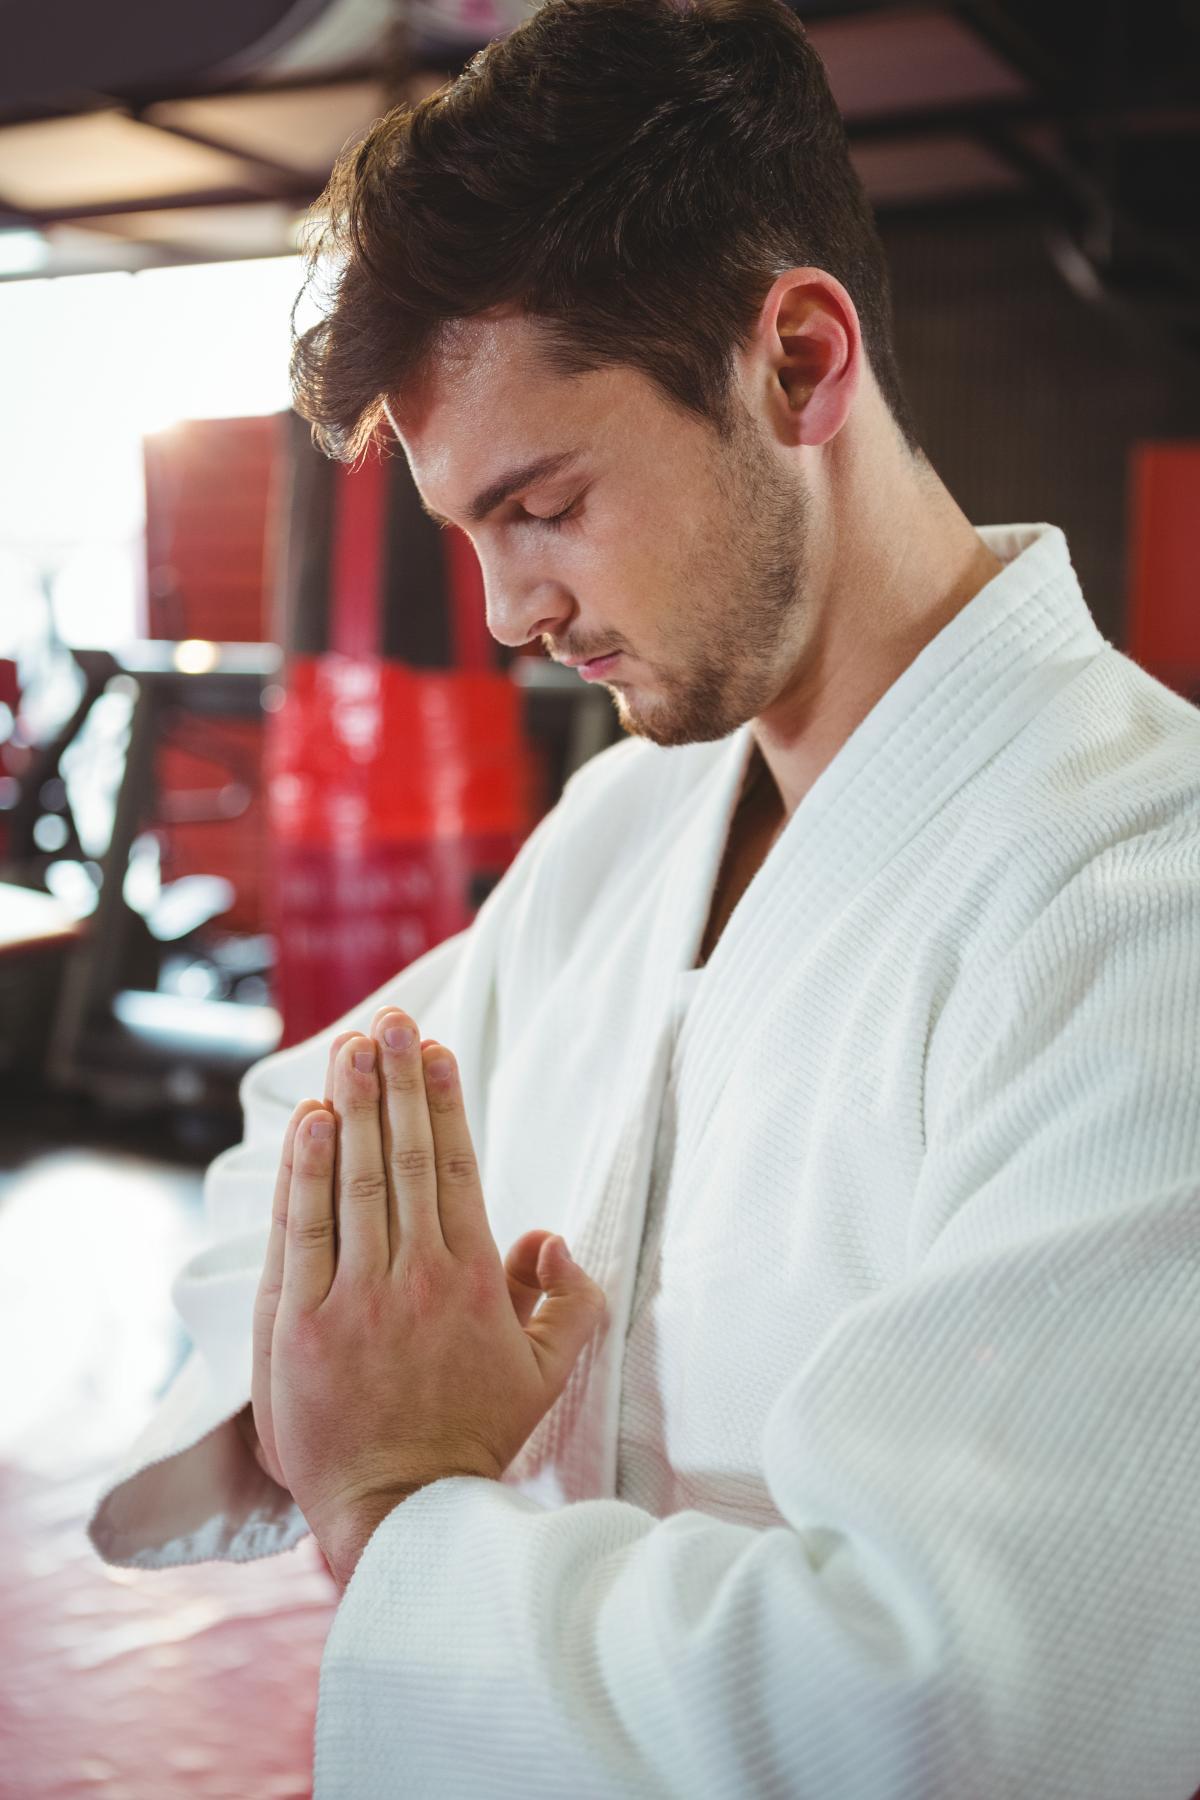 Karate player in prayer pose #416615